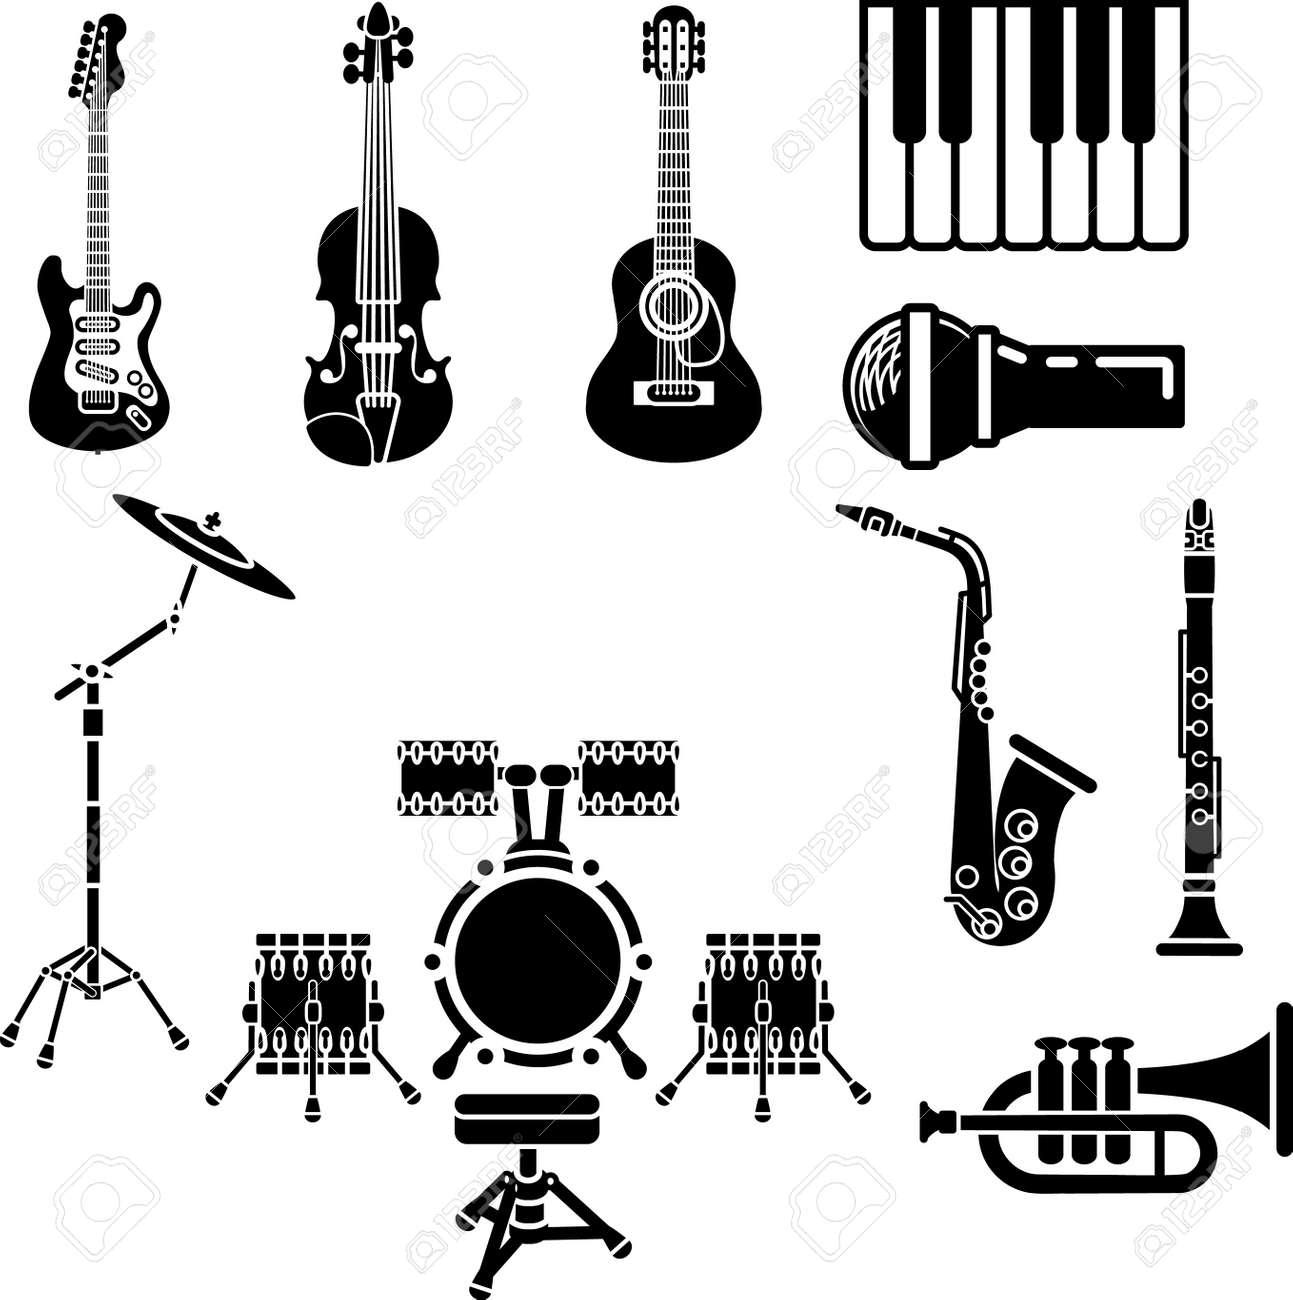 """Résultat de recherche d'images pour """"jeu musique"""""""